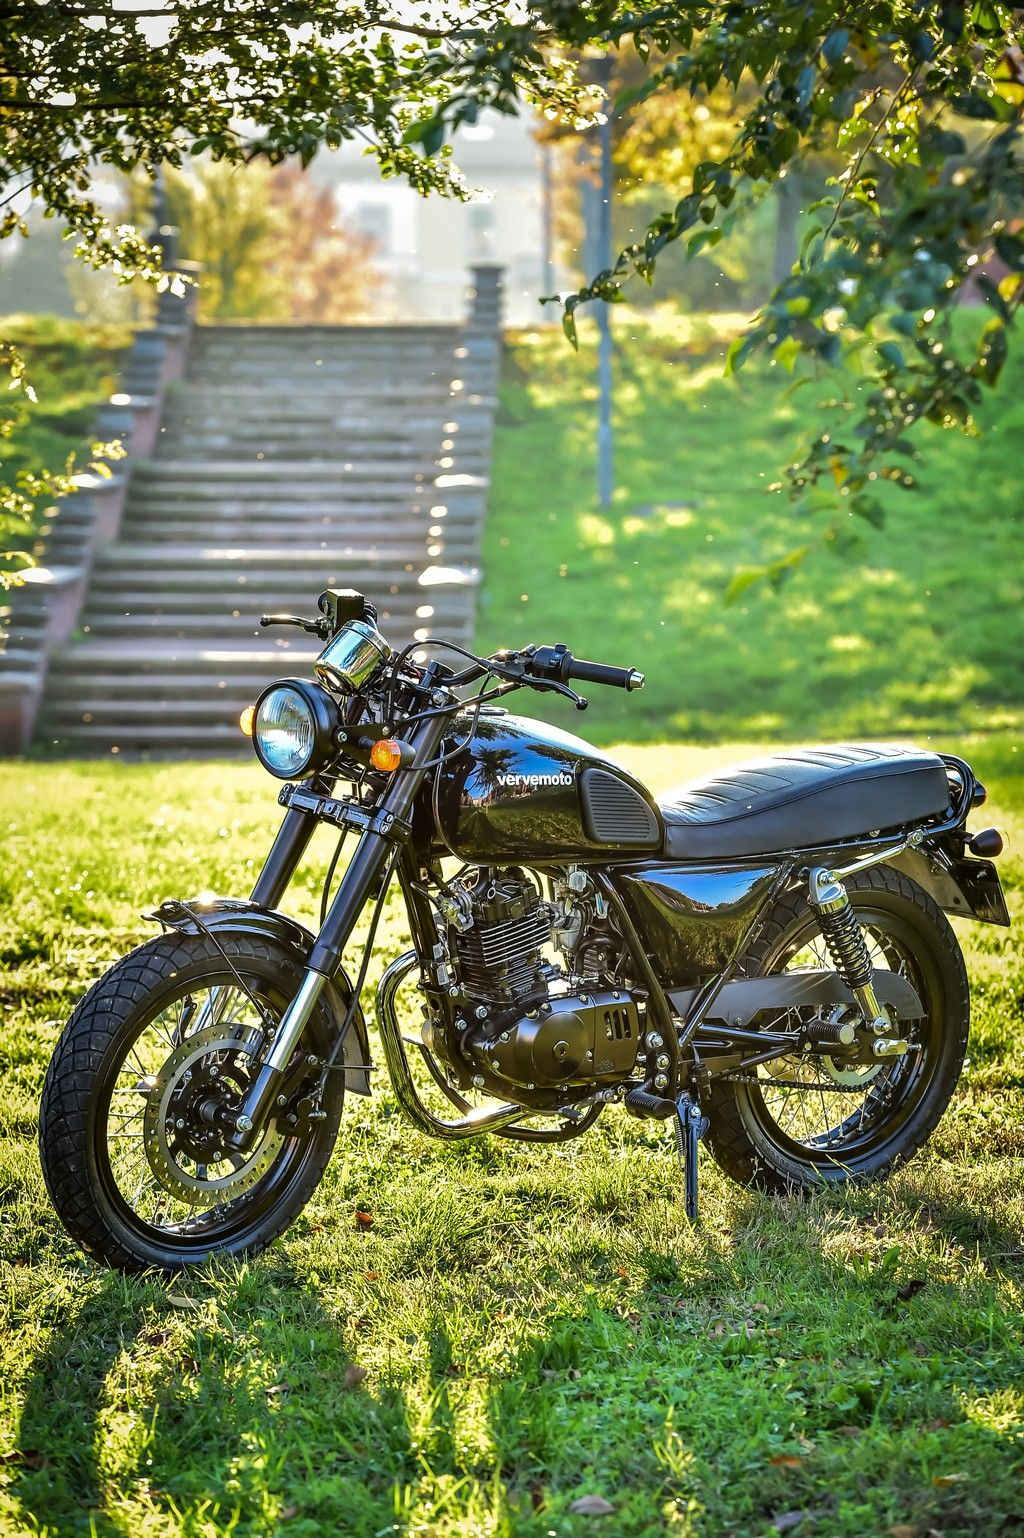 Verve Moto Classic 125 E Classic S 125 Just Ride Cavalli Vapore Auto Moto Auto Moto